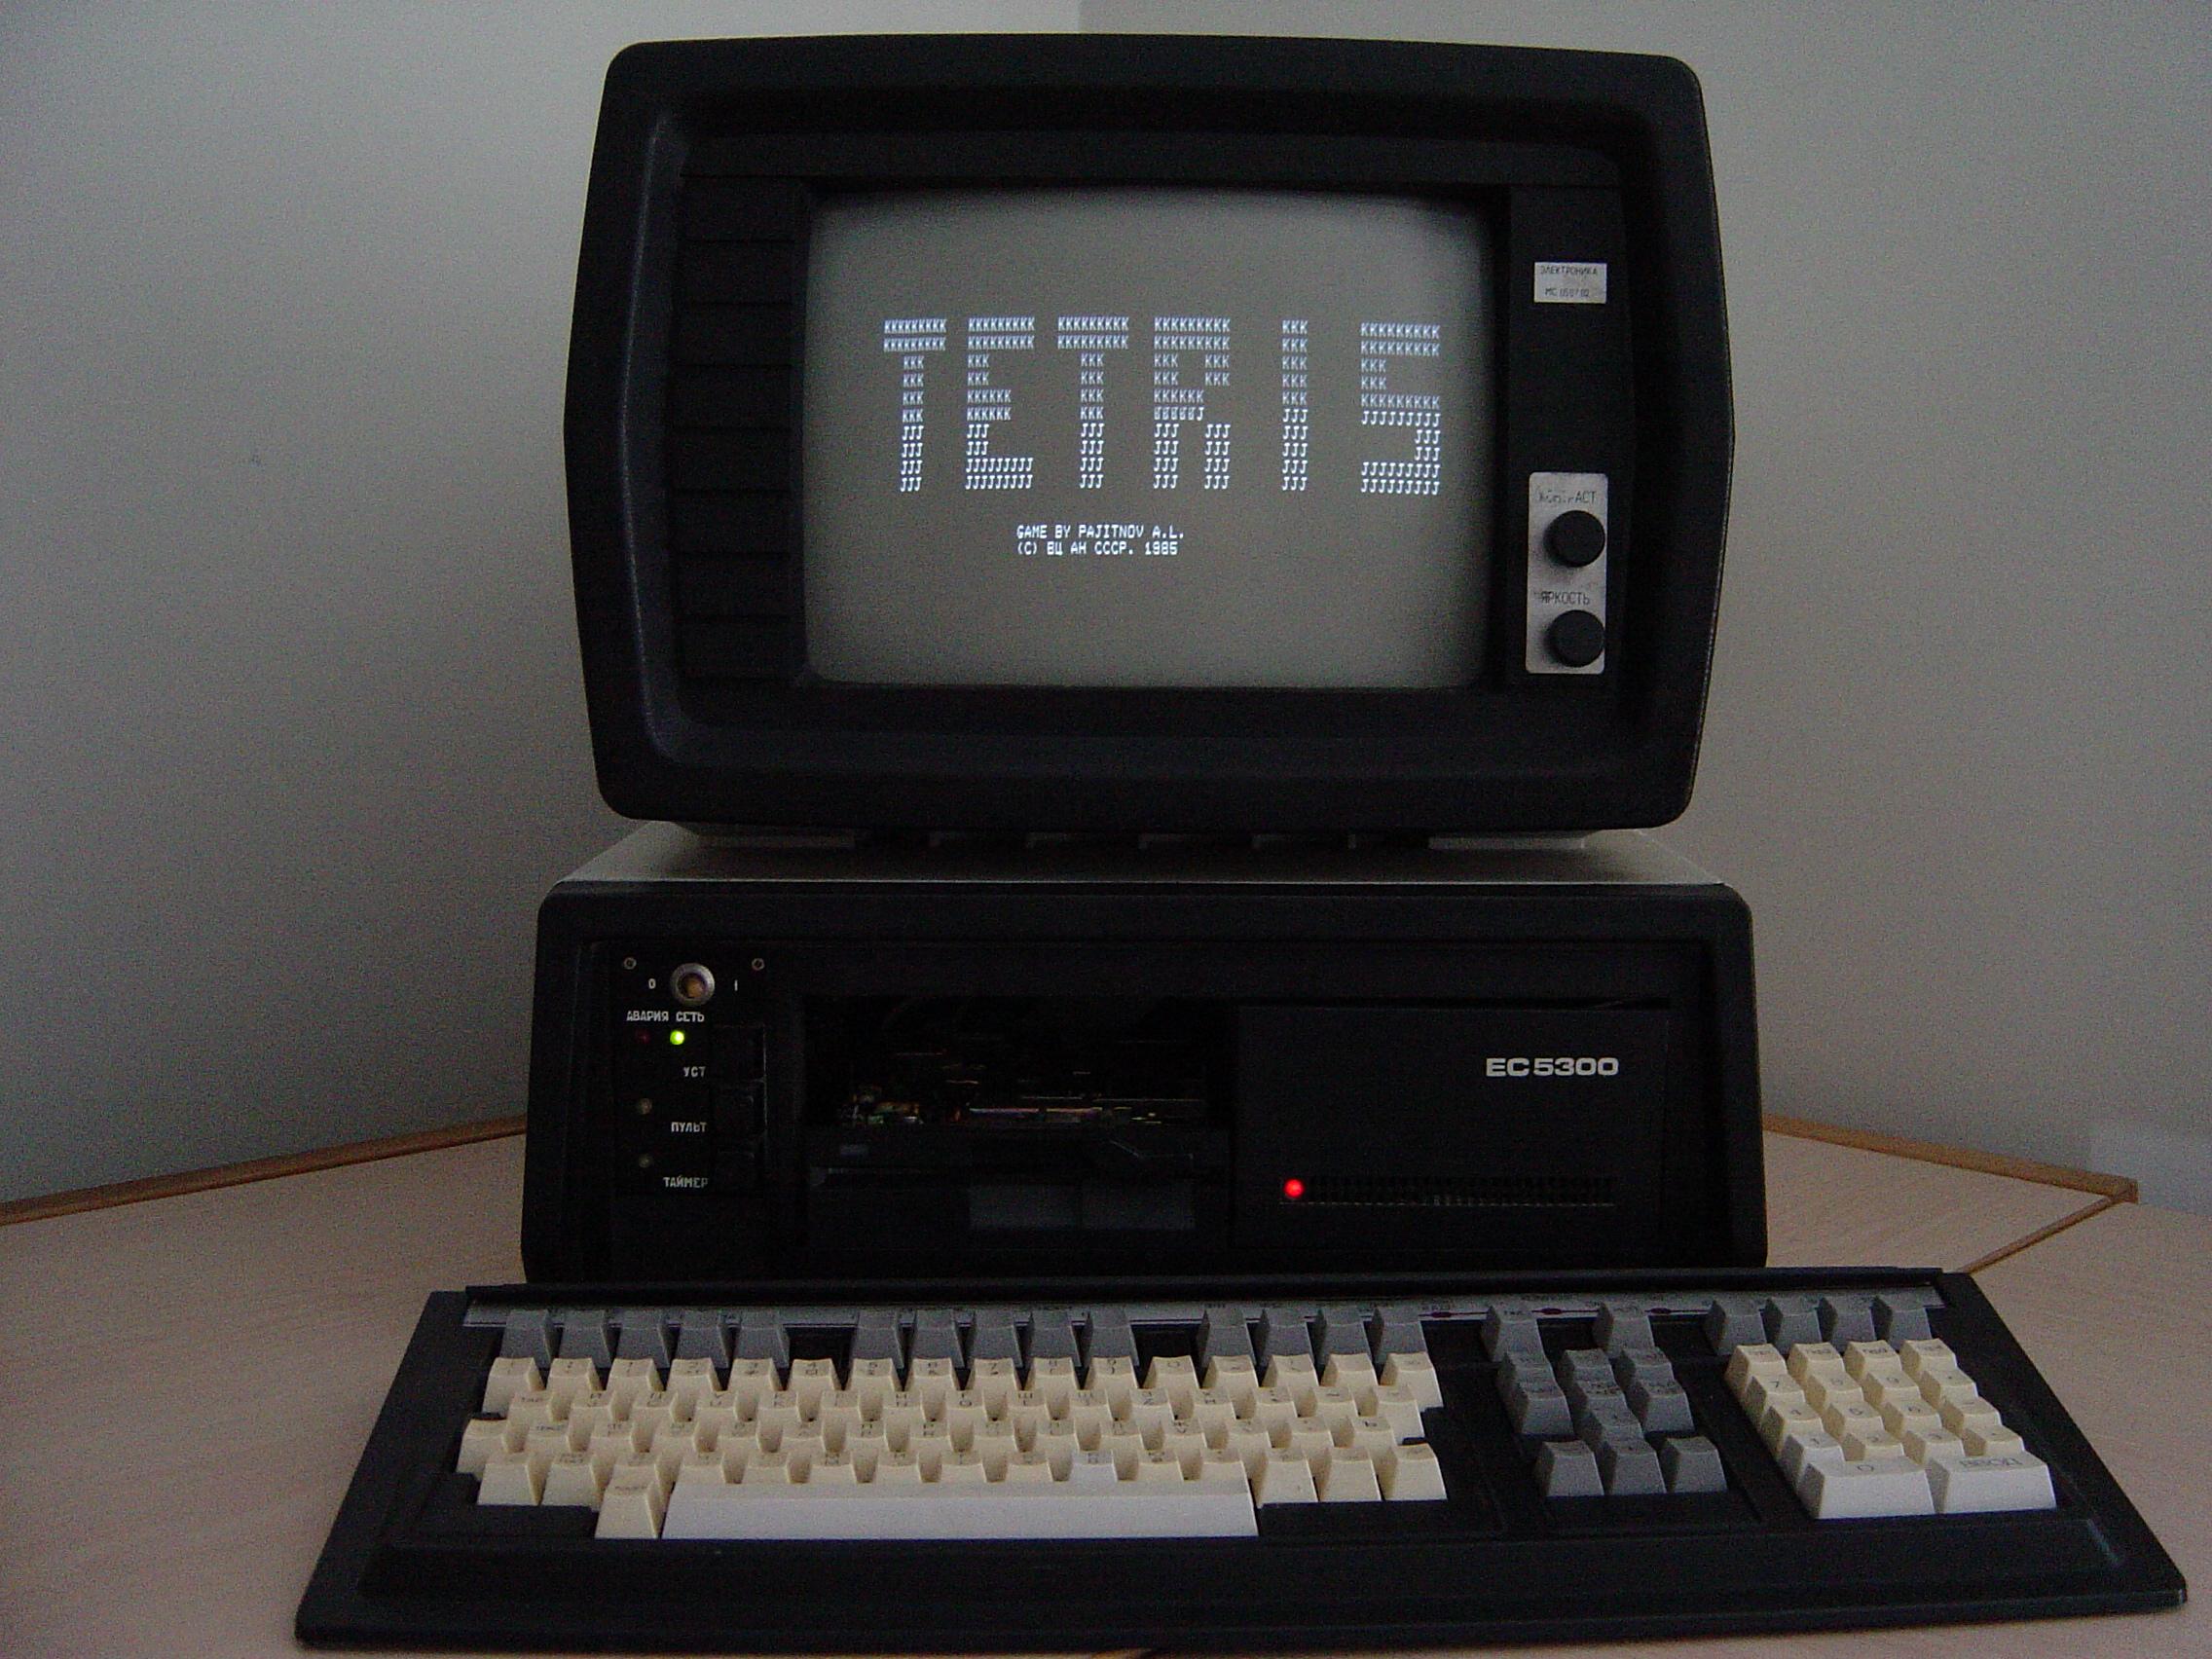 Тетрис— компьютерная игра, изобретённая вСССР Алексеем Пажитновым. Представлена общественности 6 июня 1984 года.